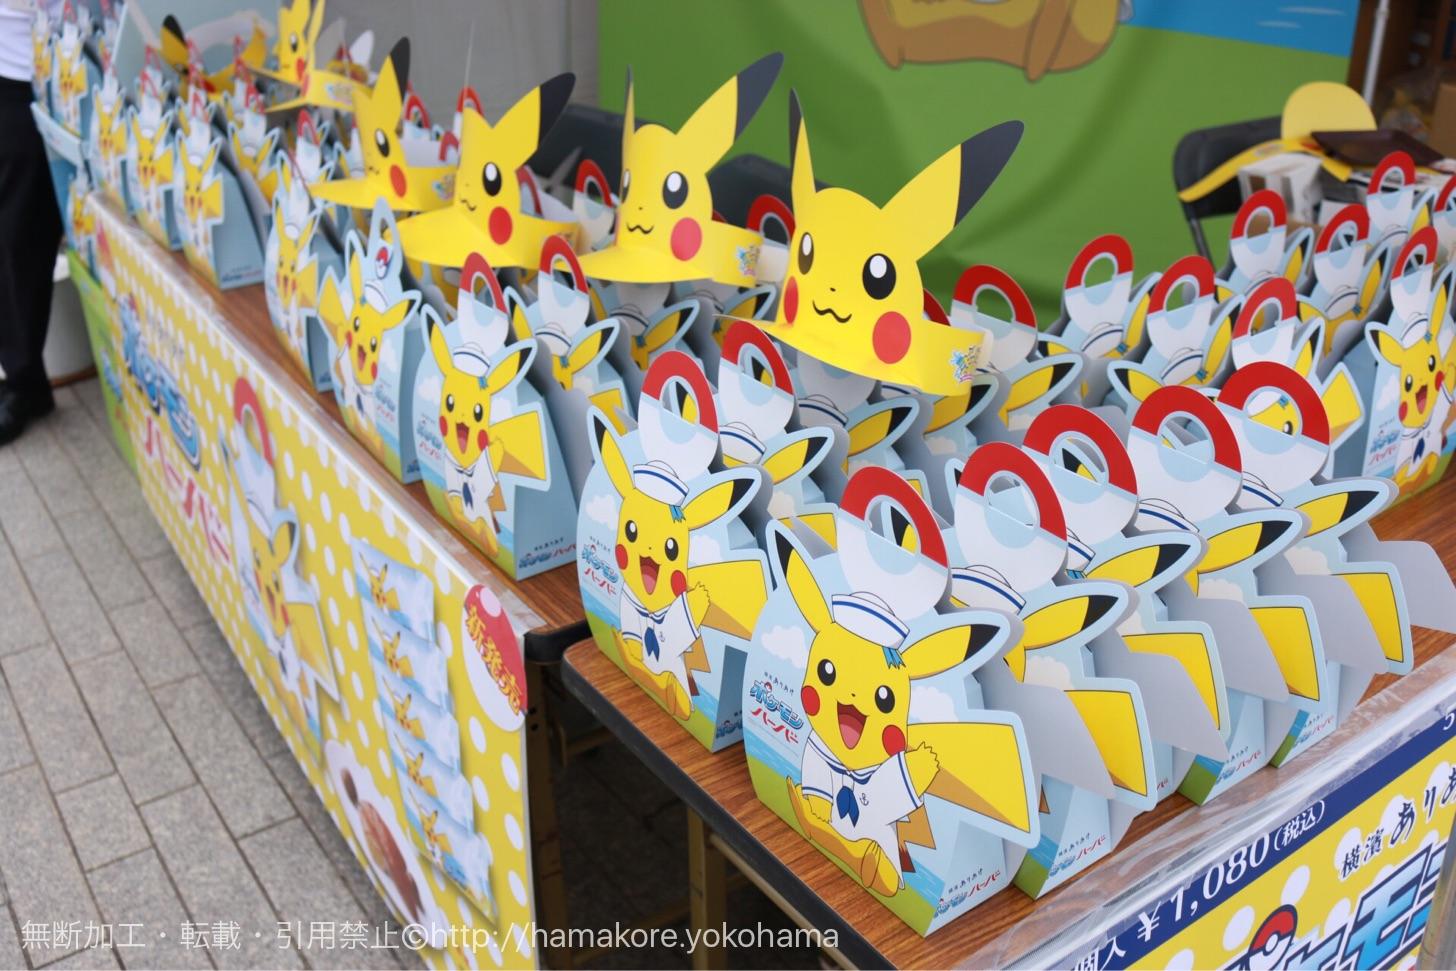 横浜赤レンガ倉庫でポケモンハーバー発見!ピカチュウ好きとして見逃せない